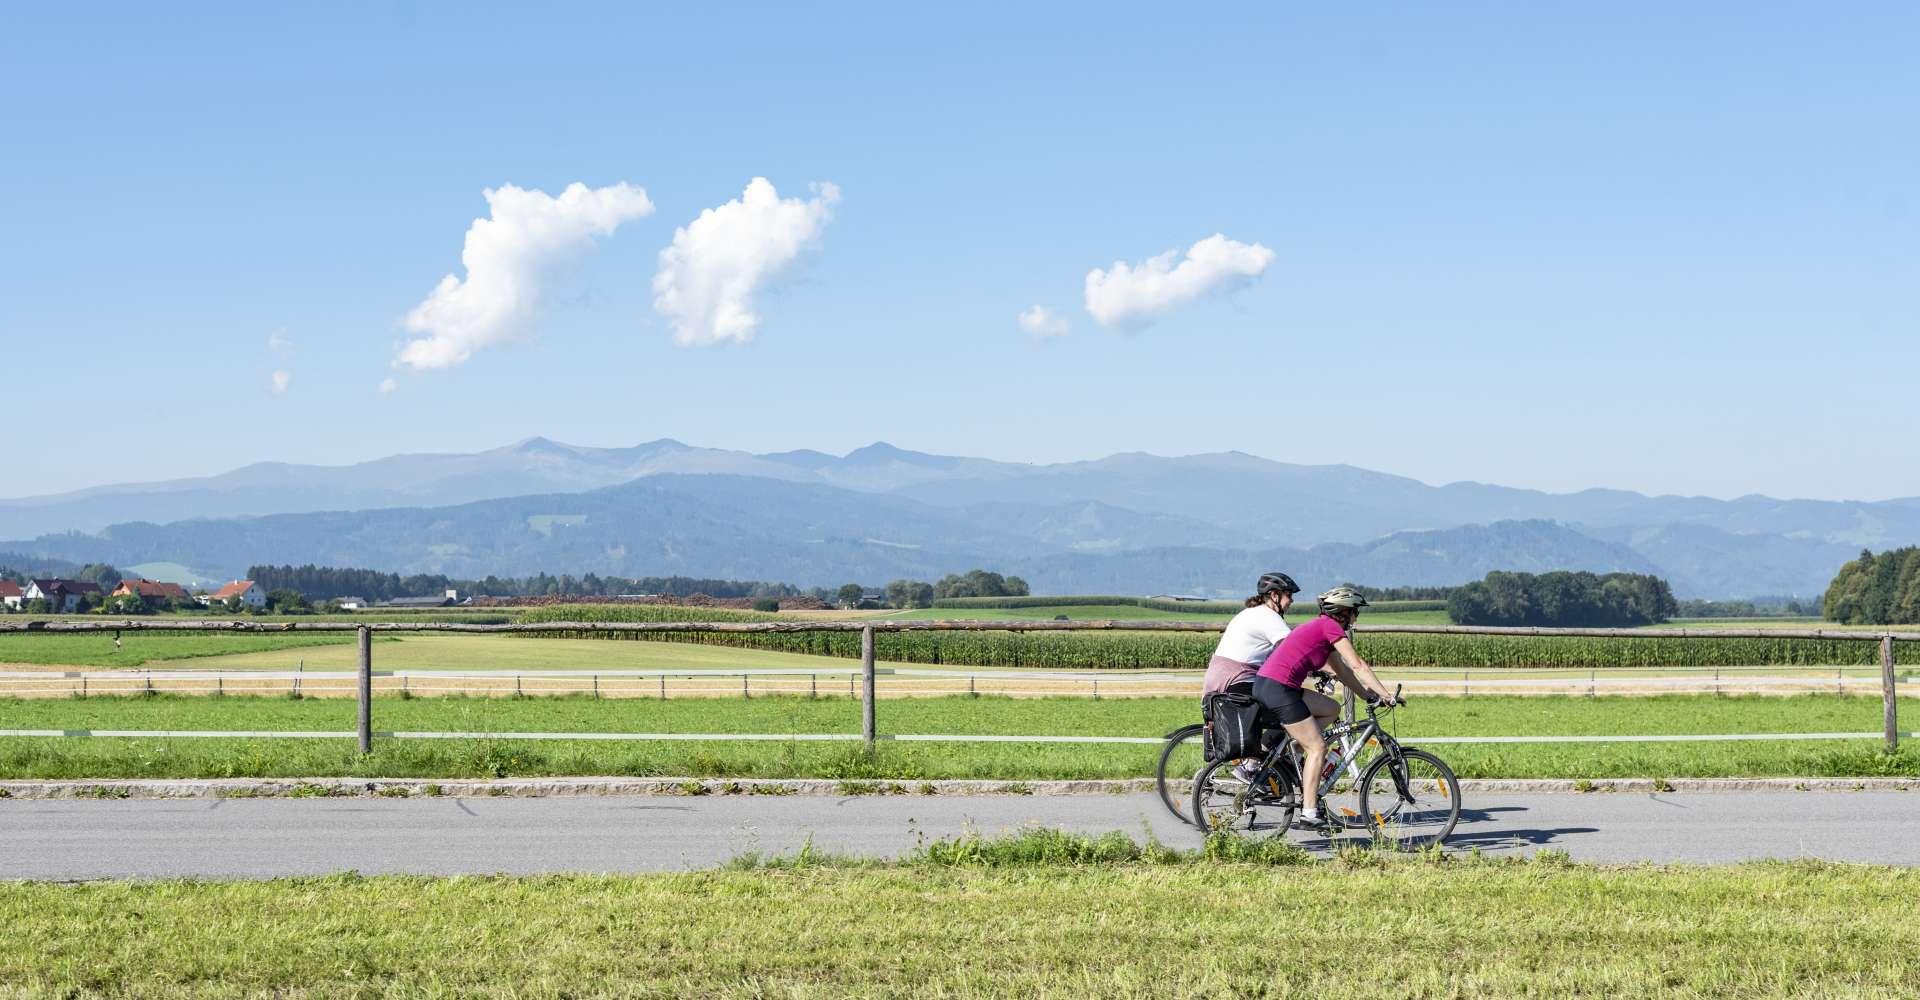 <p>Mit den Rädern unterwegs auf dem Murradweg im Murtal Richtung Großlobming.</p> Copyright: